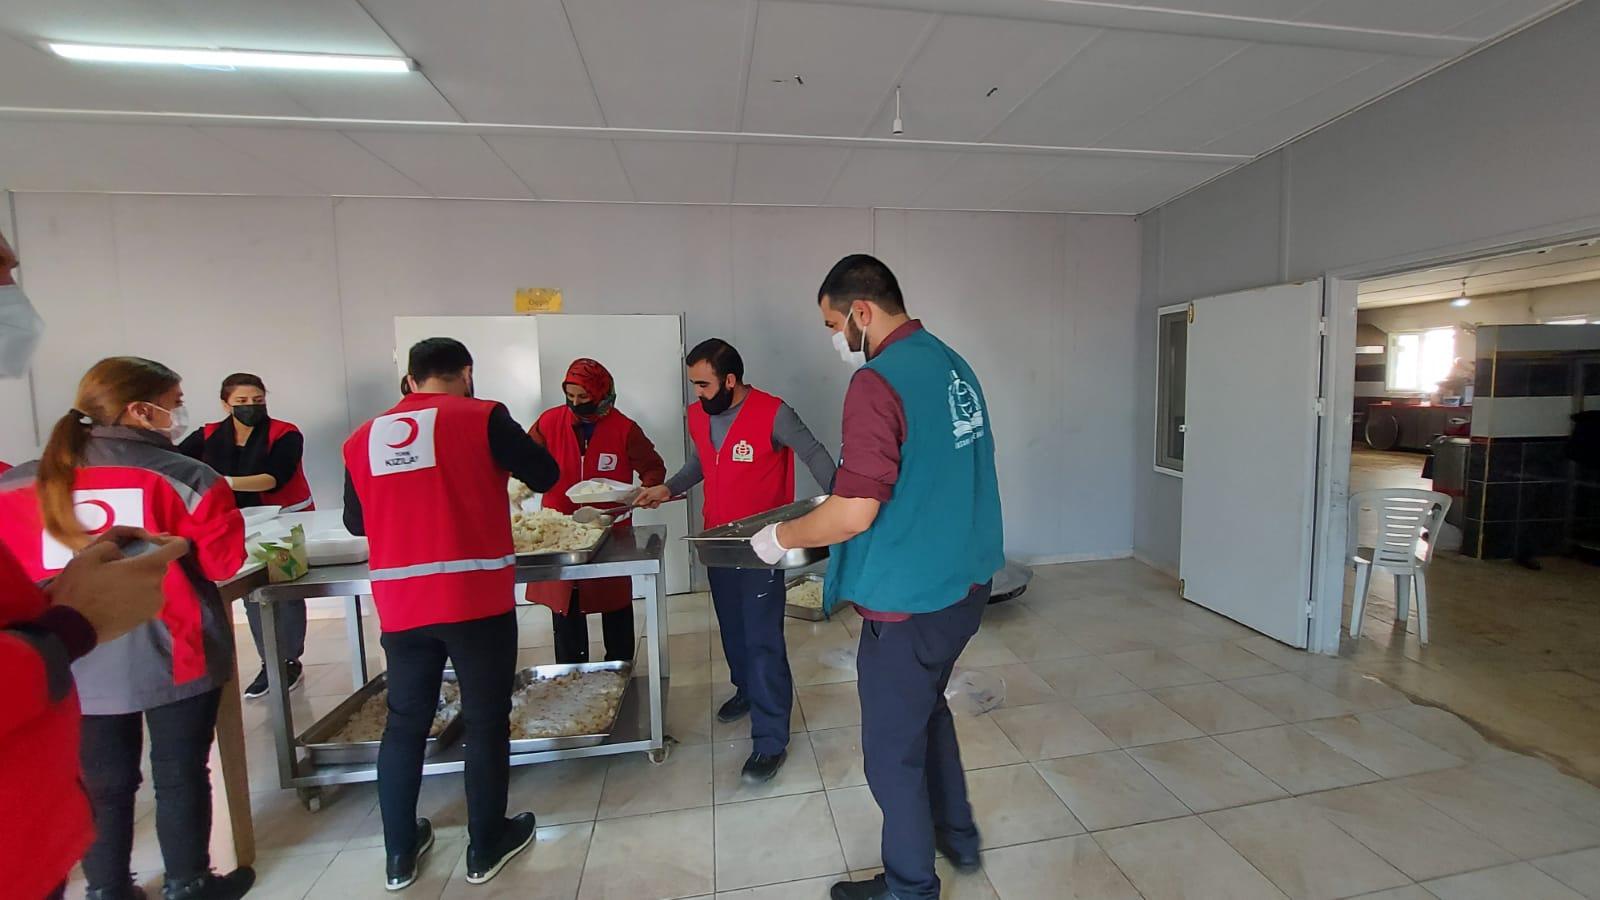 Her daim iyilik birliktelikleri - Haberler - İnsanı İnşa Derneği İİD. Uluslararası Yardım Kuruluşu